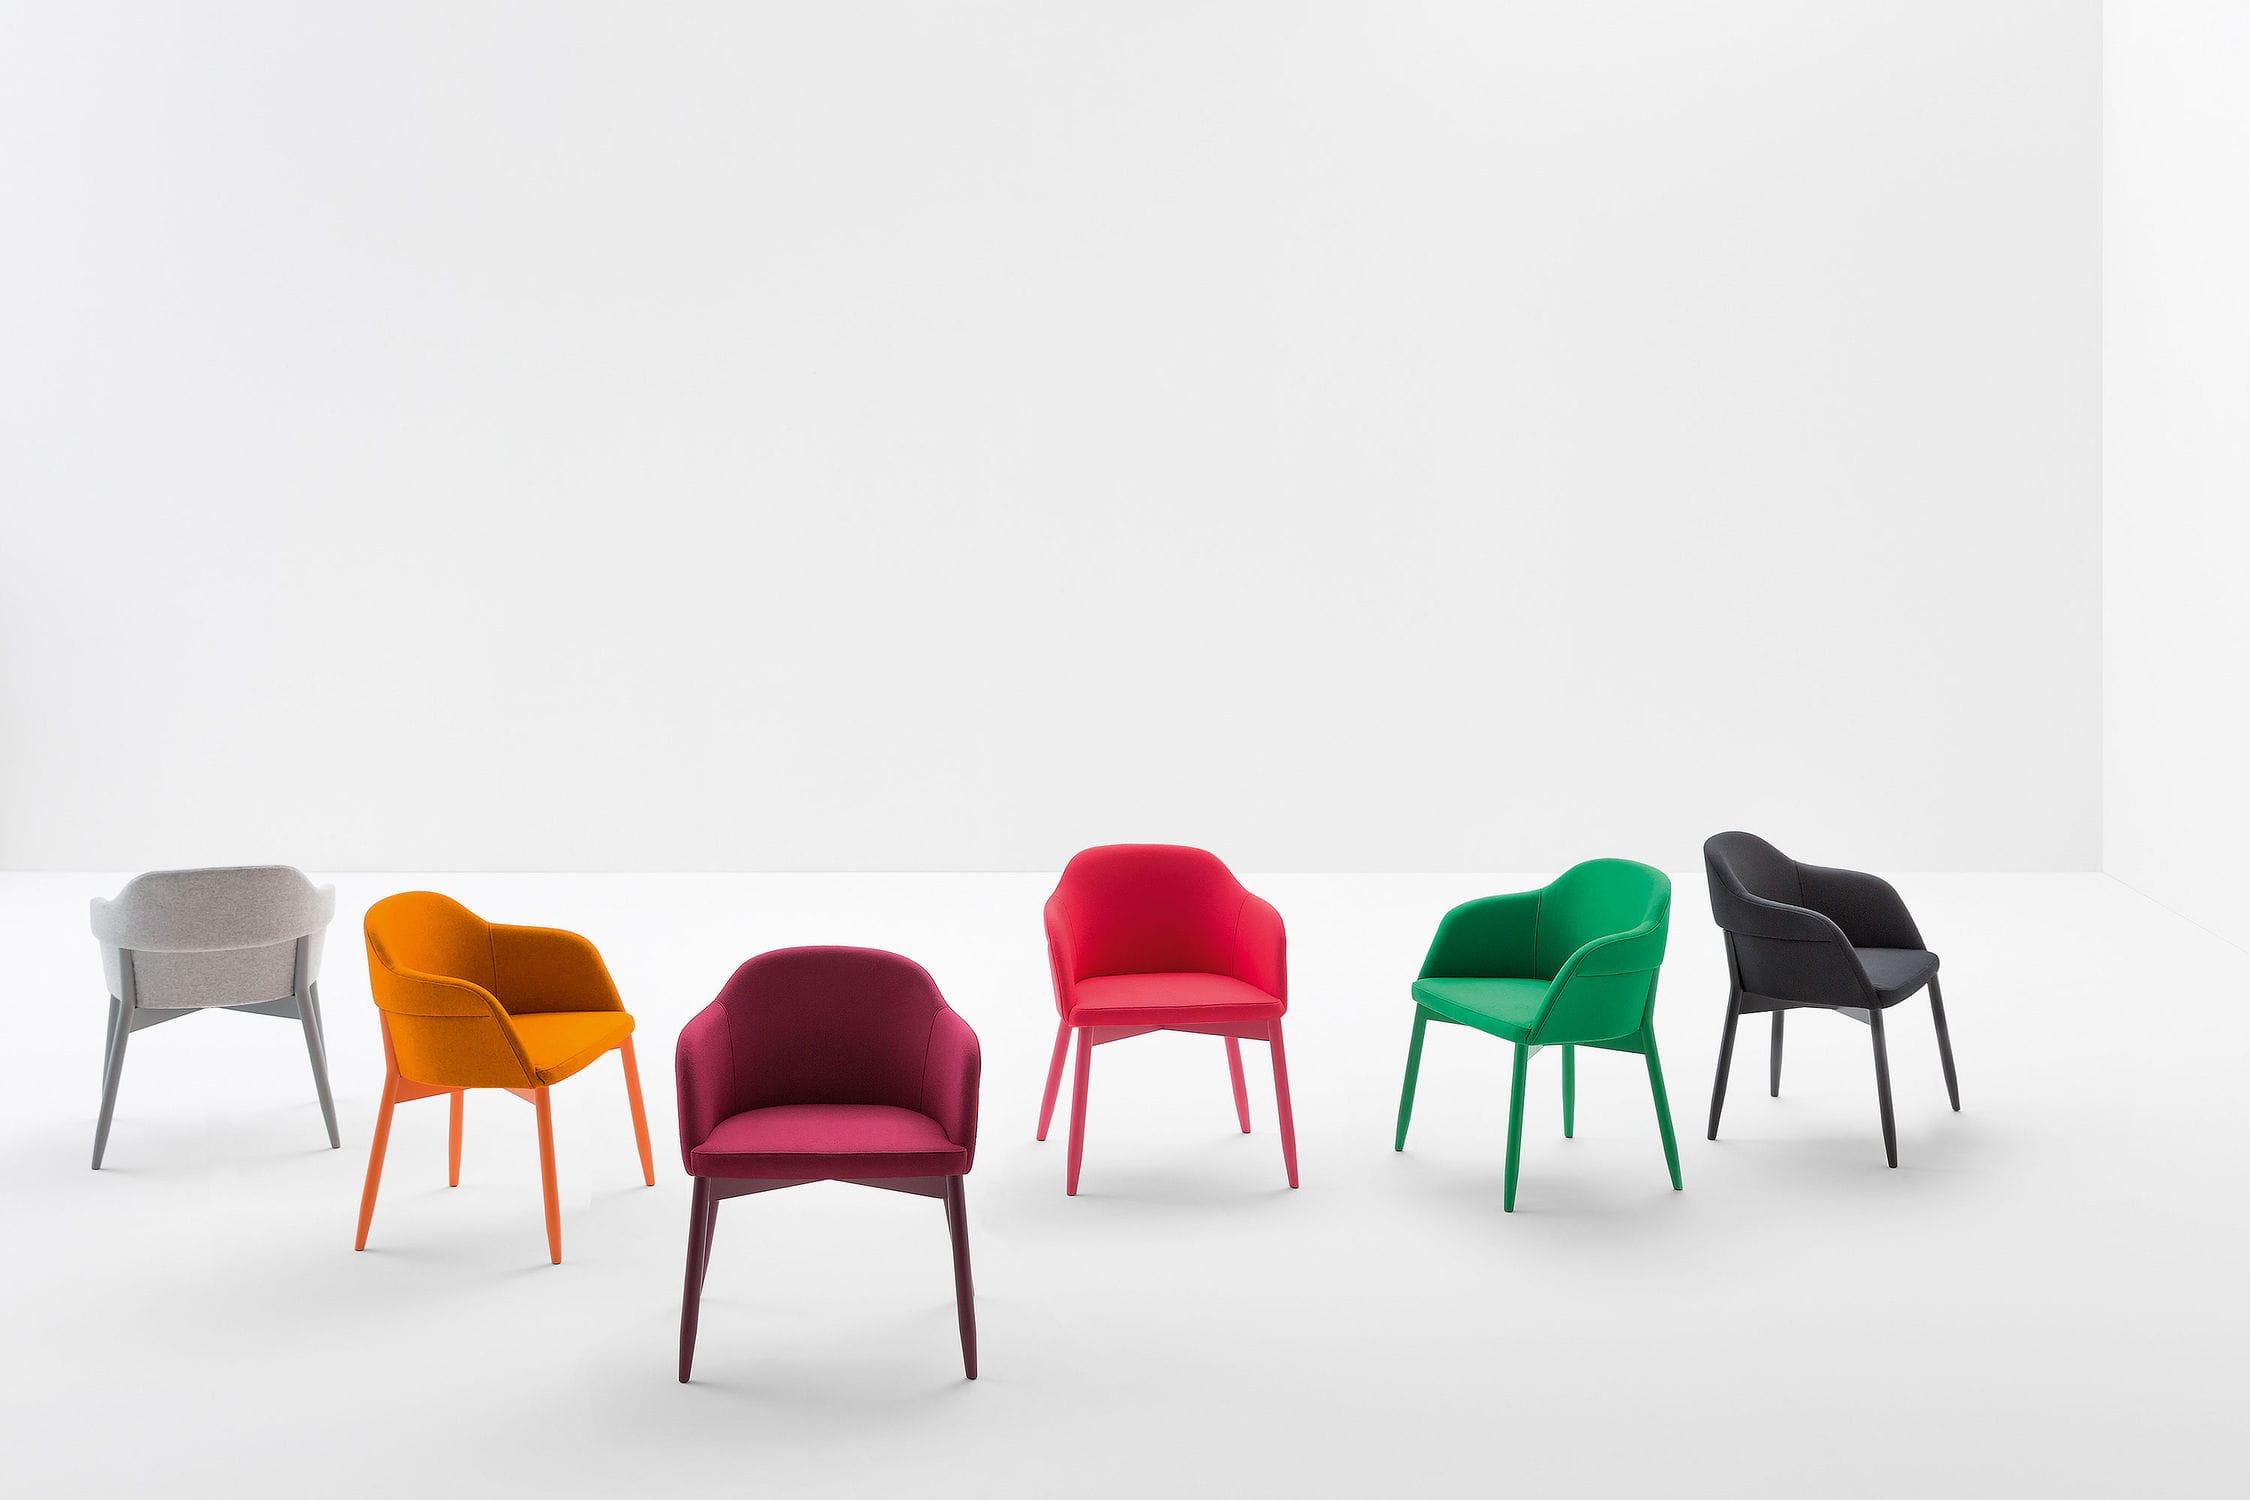 Sedia Imbottita Design : Sedia moderna imbottita con braccioli in legno laccato spy